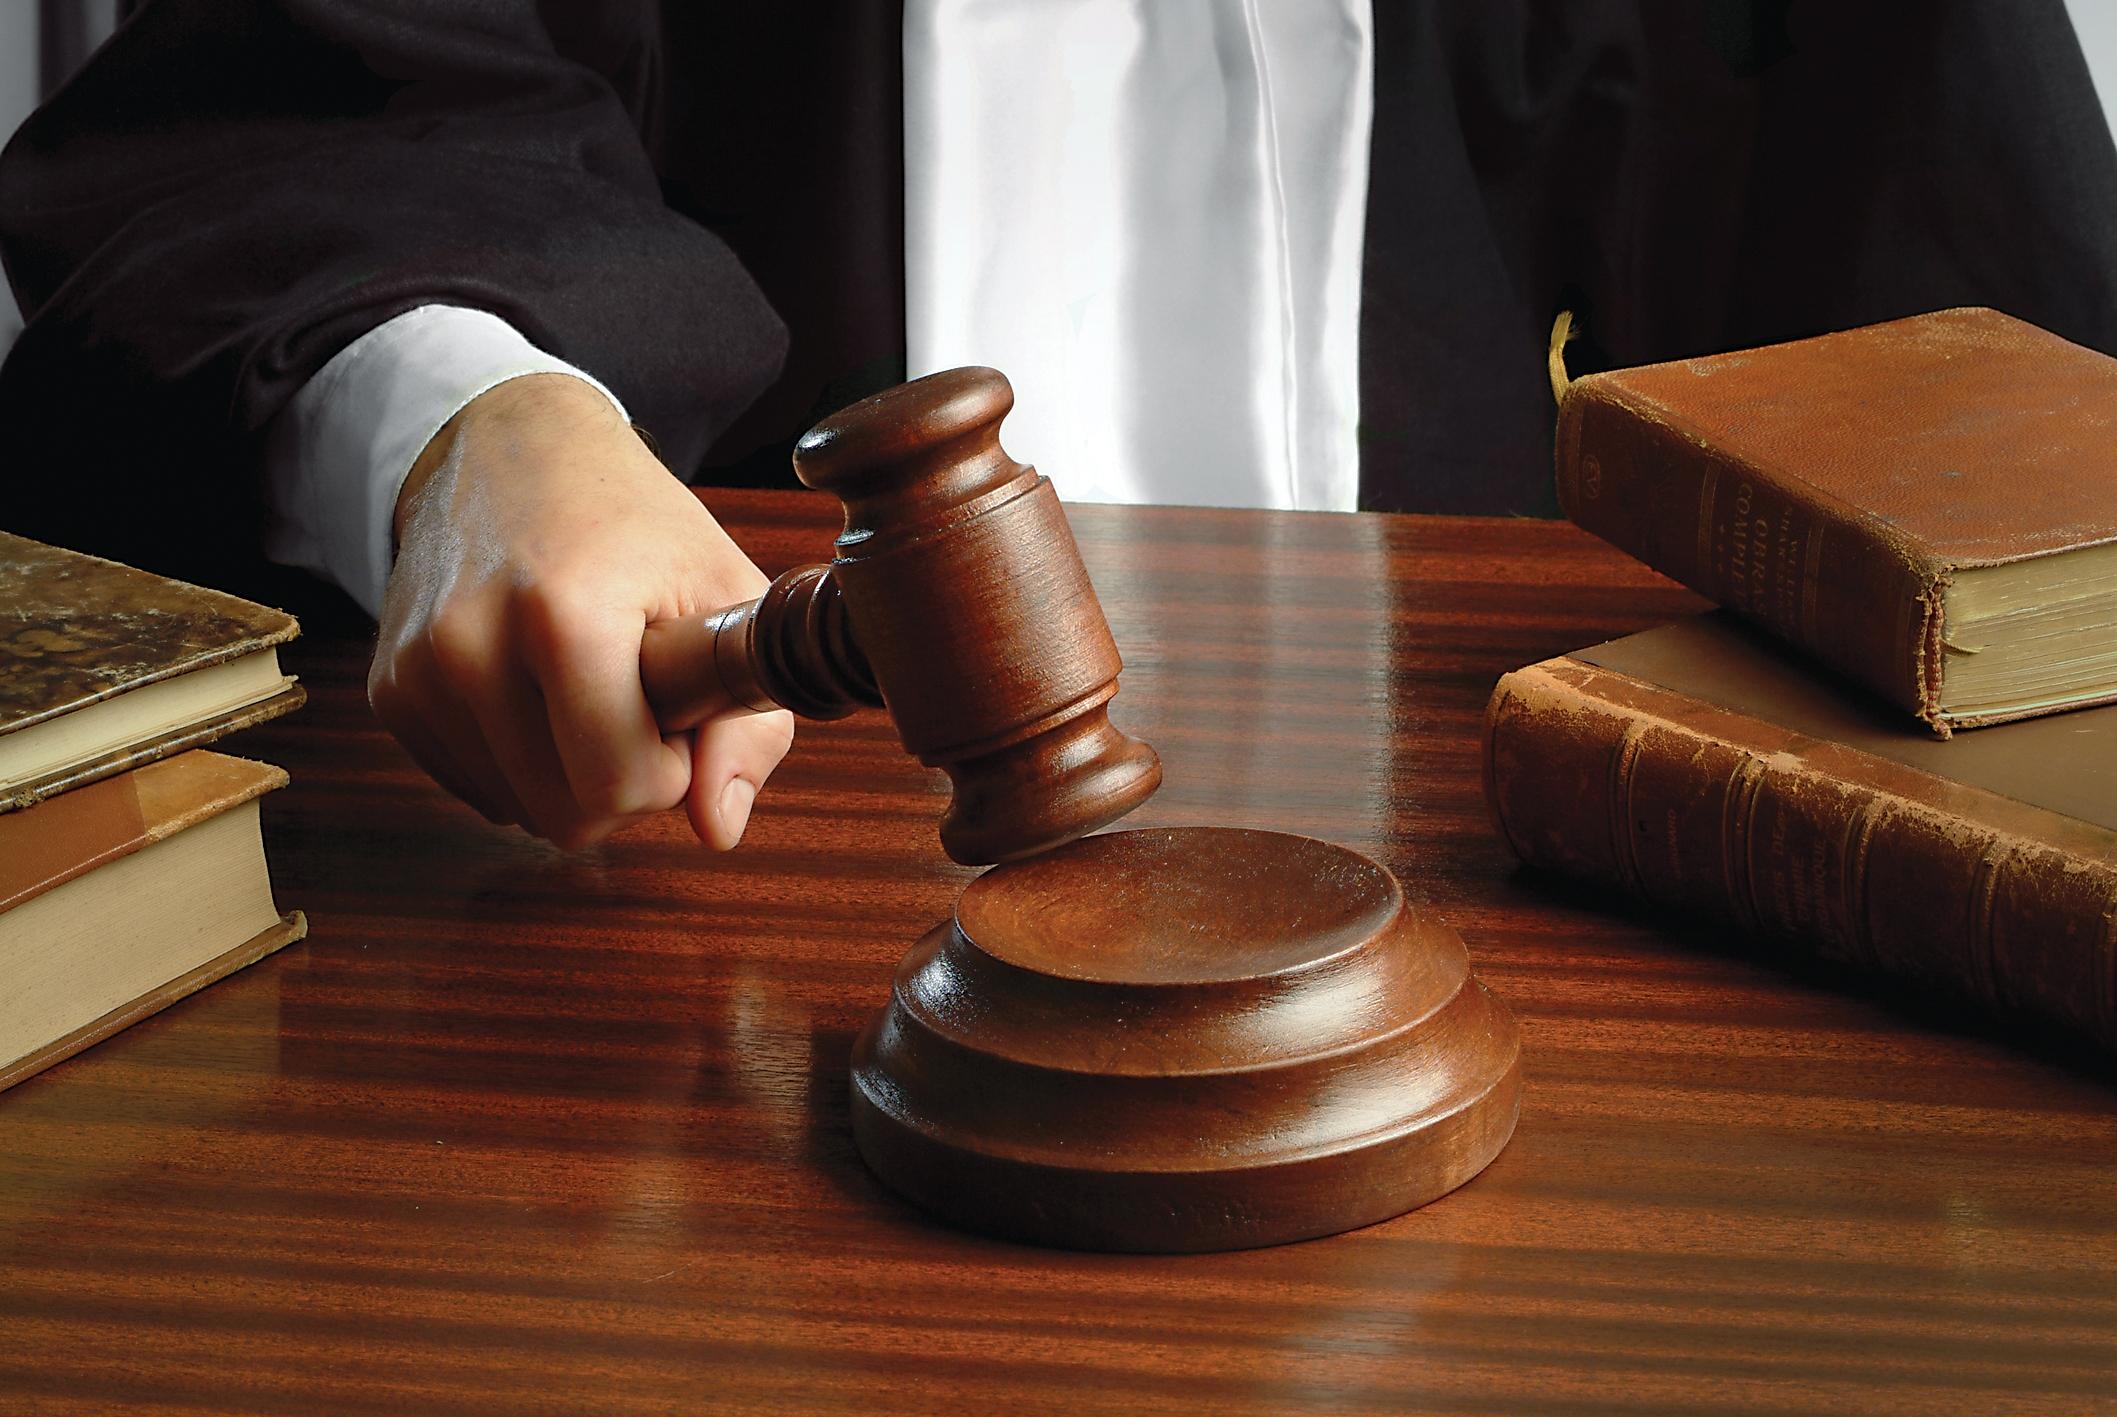 Βαριές ποινές για διακίνηση δύο κιλών κάνναβης στην Σκαρίνου